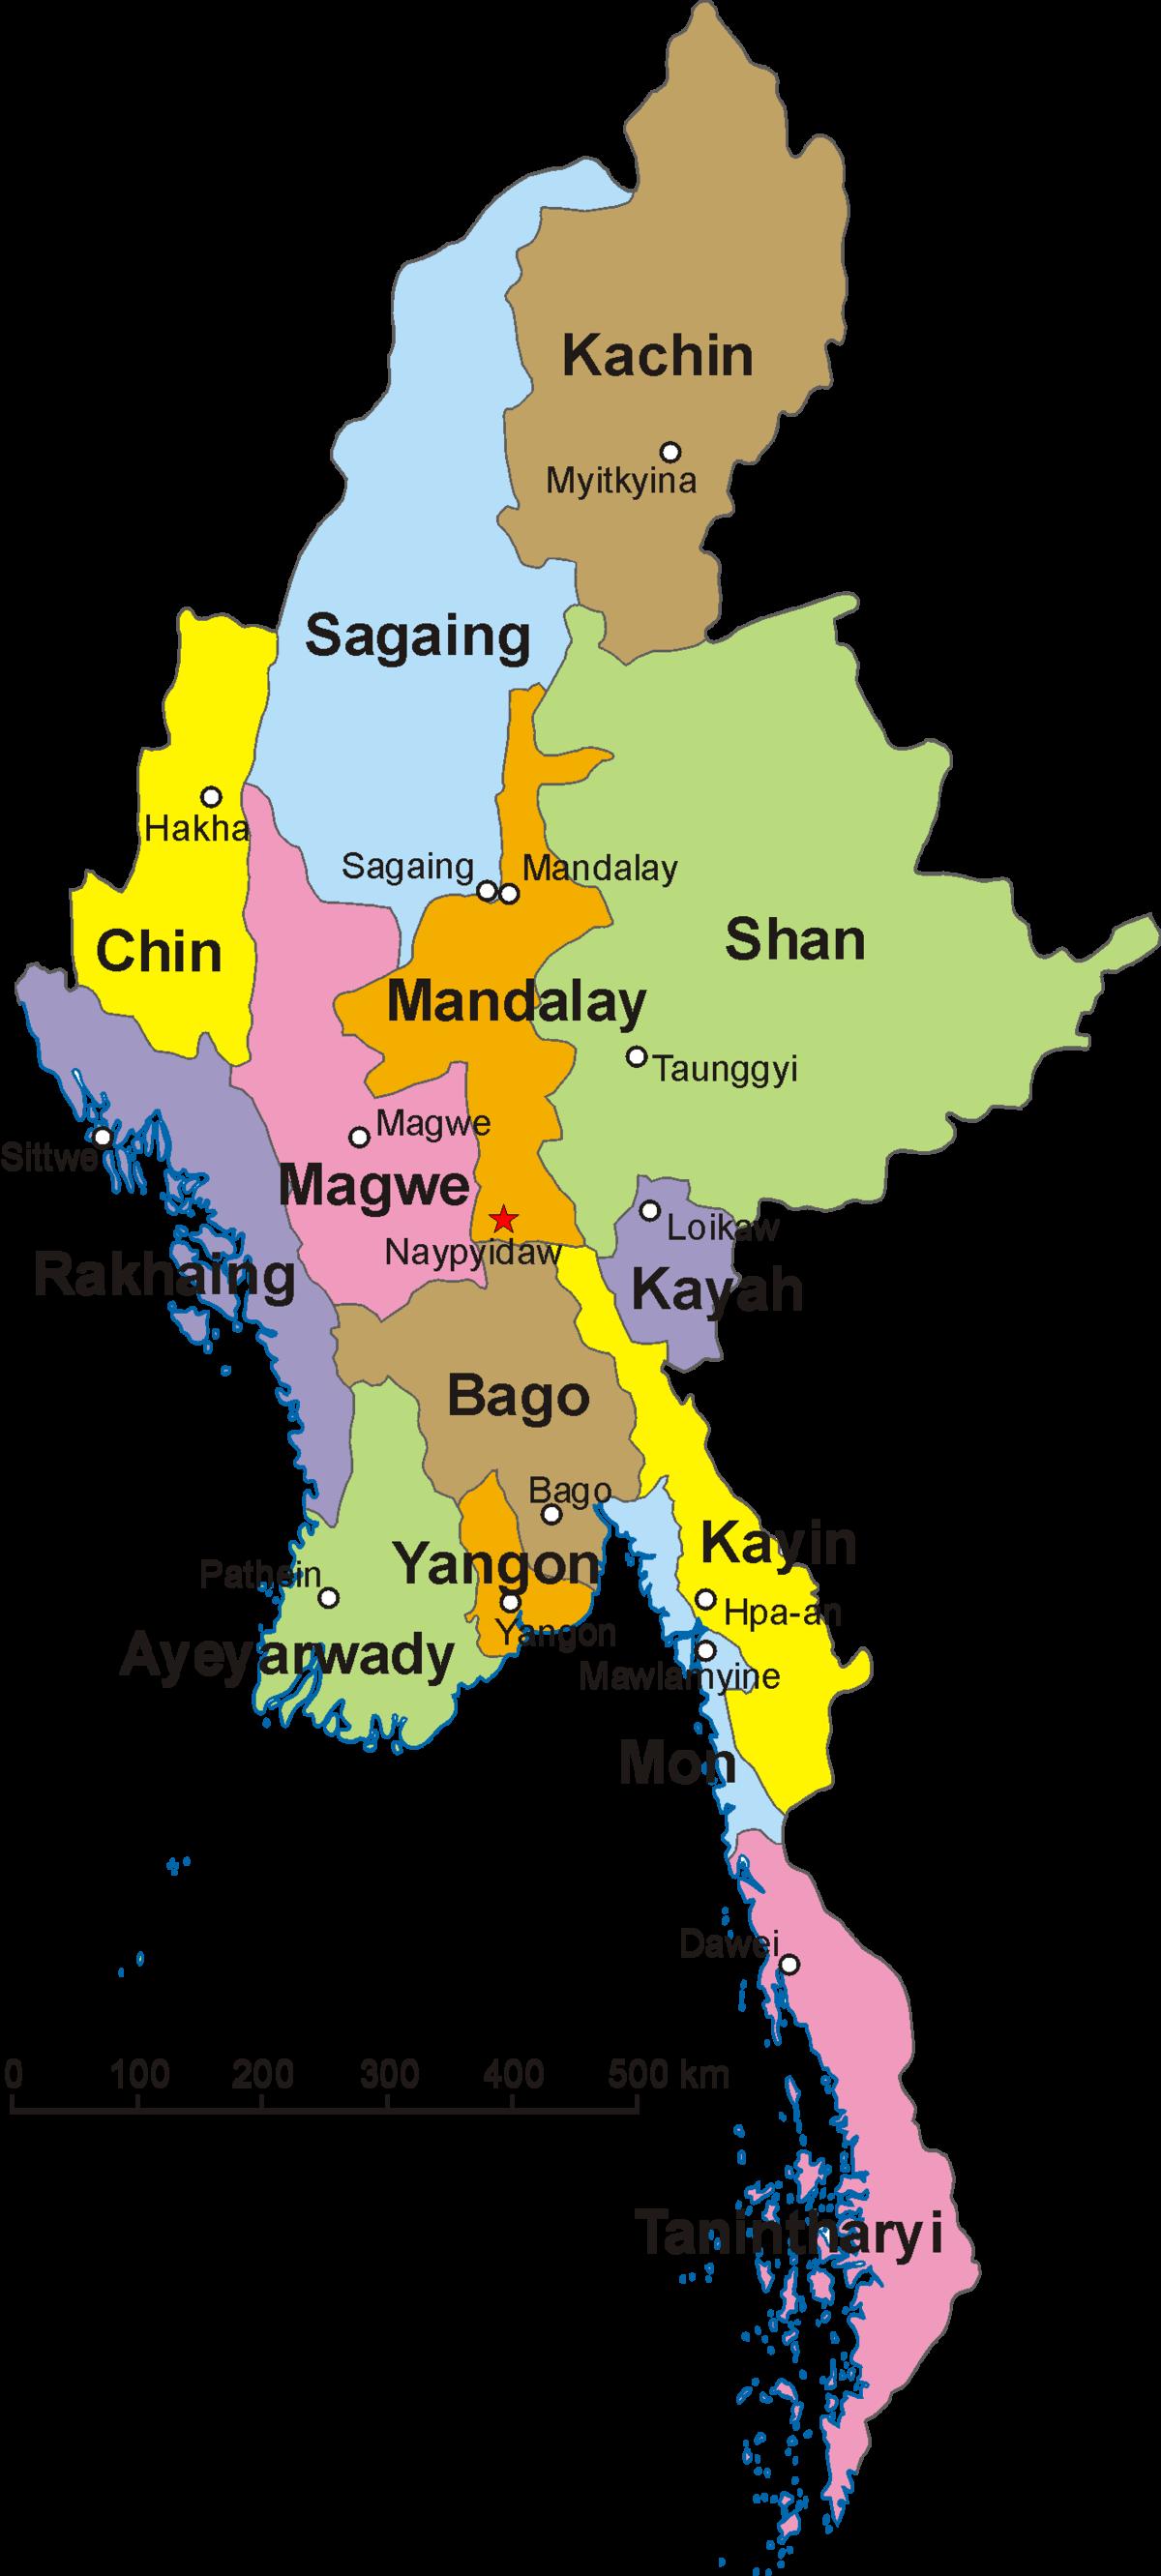 чем закончилась гражданская война в китае